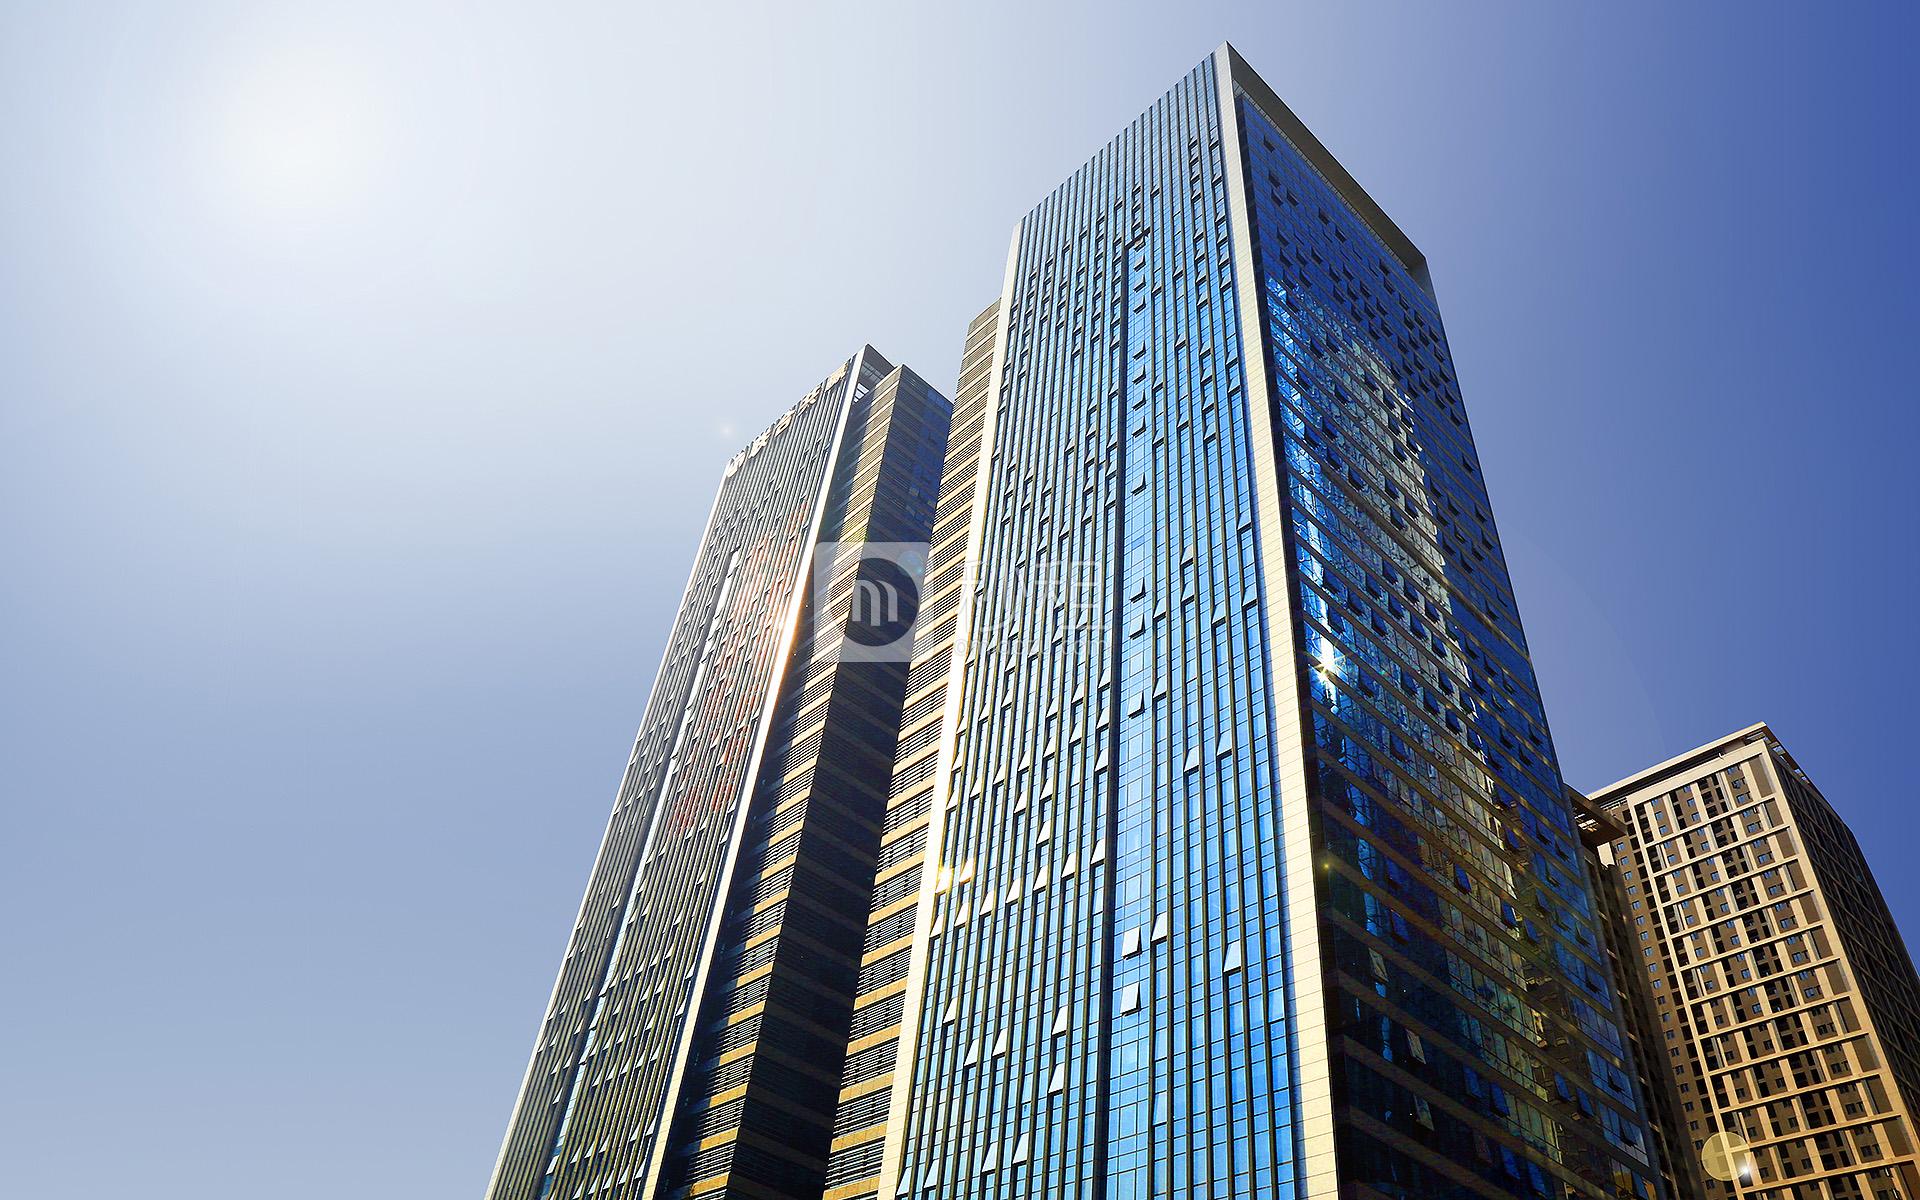 于深圳办公室出租及配套服务,向大家介绍南山区华润城大冲商务中心.图片